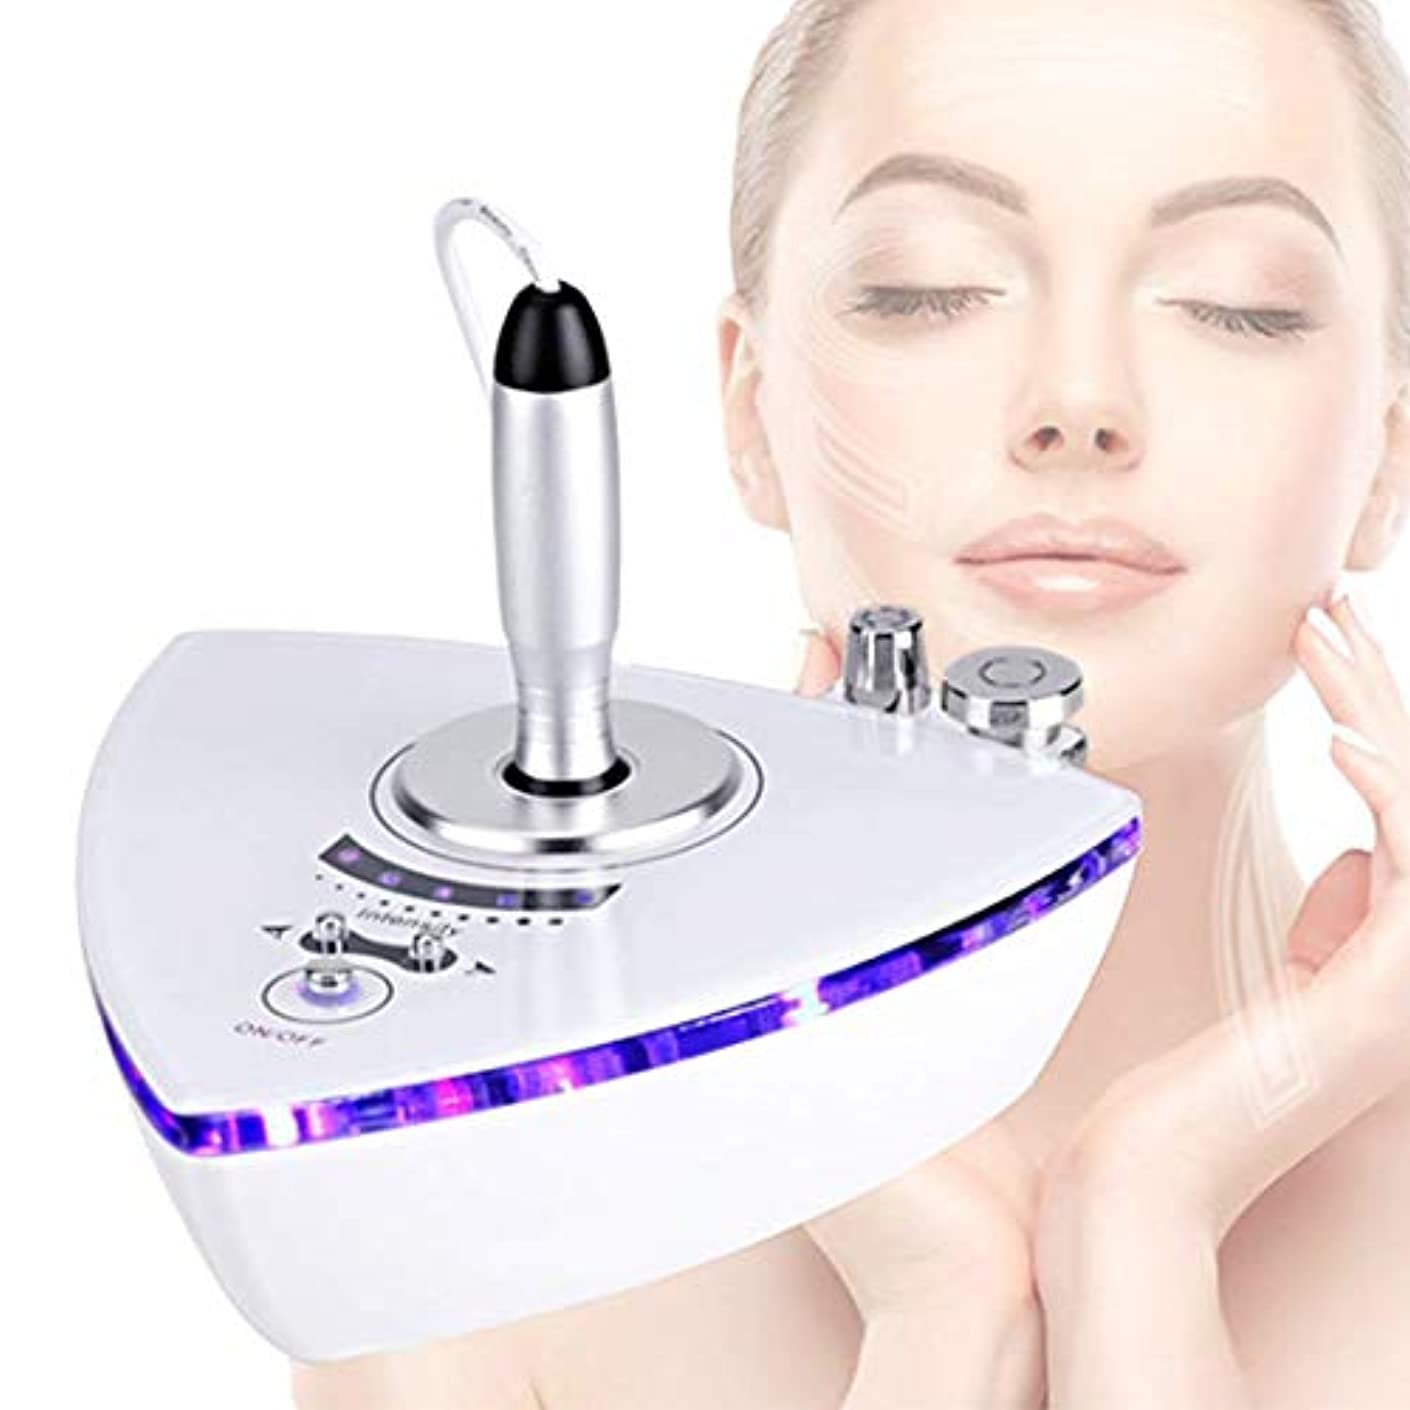 服露出度の高いアミューズRFの無線周波数の美顔術機械、反老化のスキンケアをきつく締める皮の若返りのしわ除去の皮のための家の使用携帯用美顔術機械